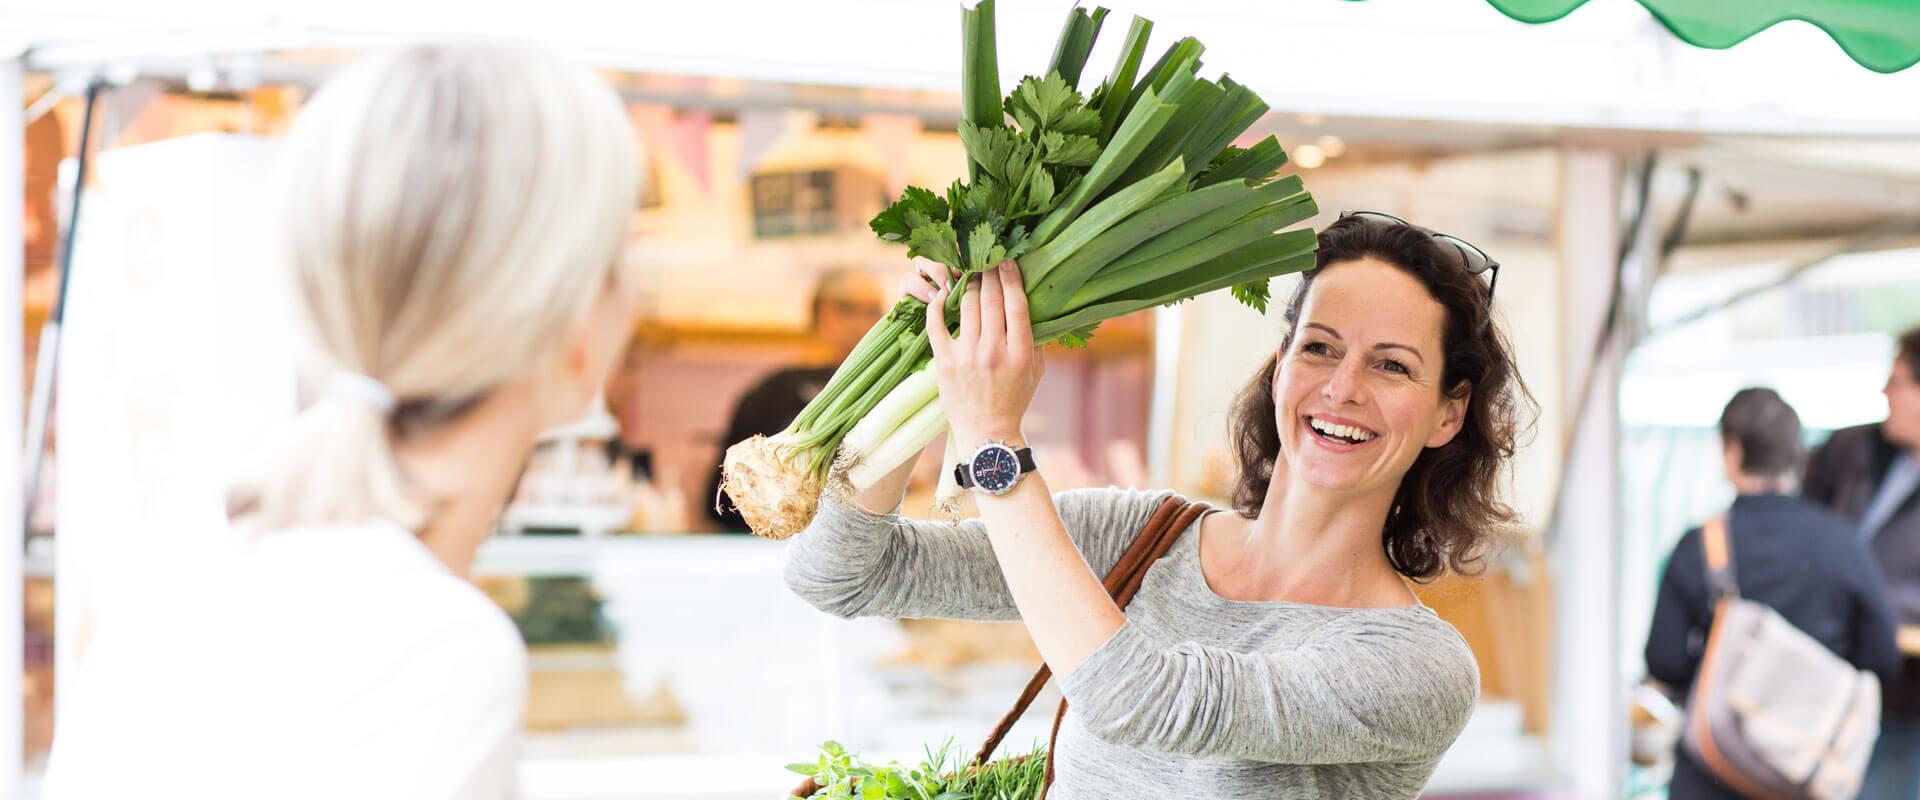 Für immer schlank und gesund mit Clean Eating